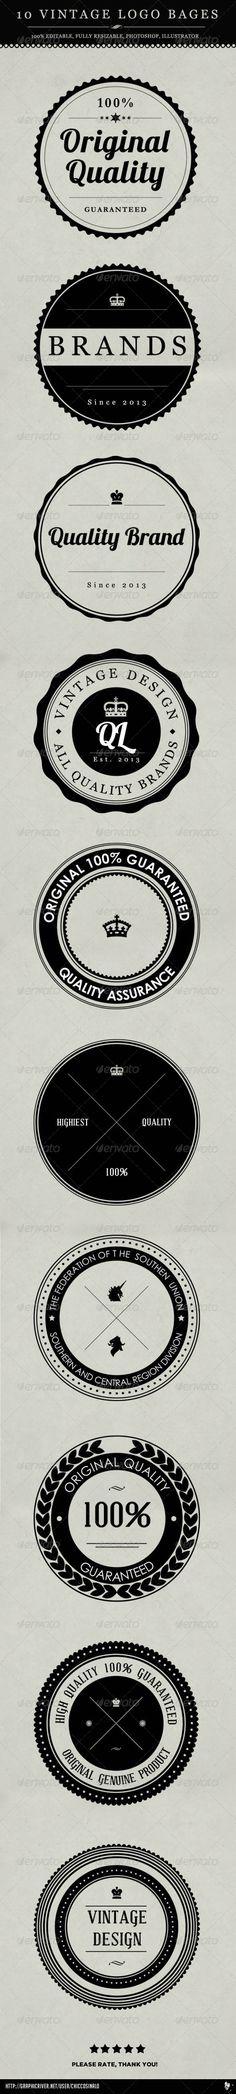 10 Vintage Logo Badges - Badges & Stickers Web Elements